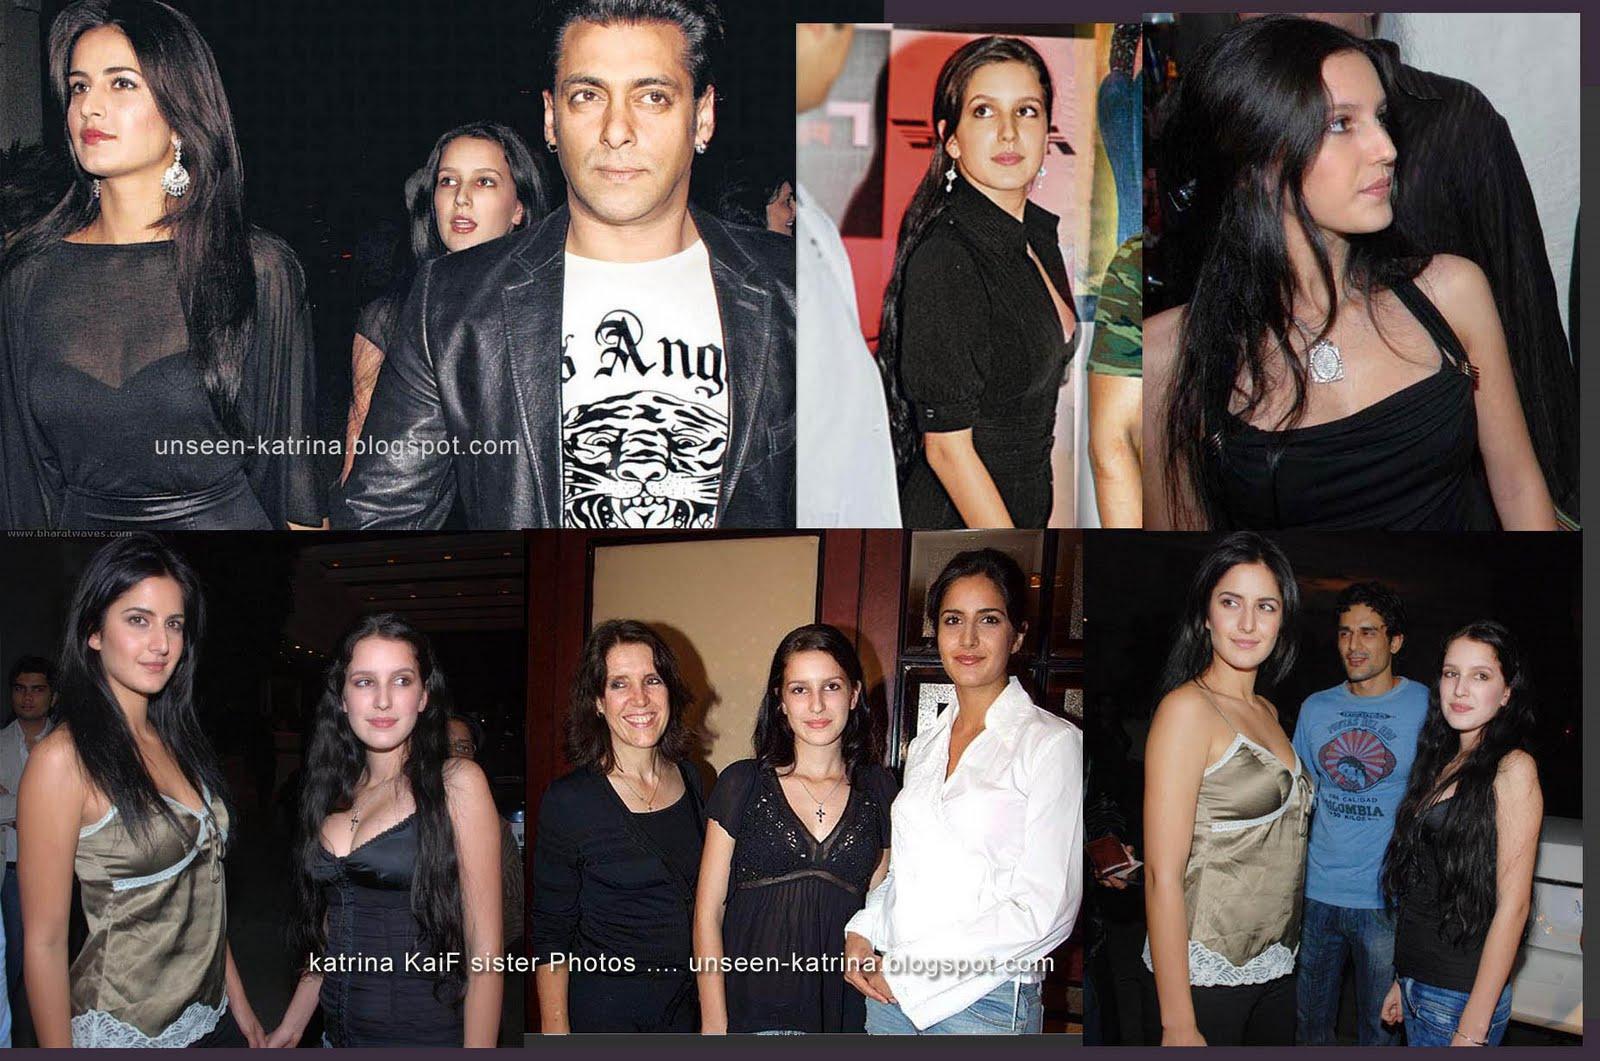 KOOL FOTO: Kool Photos of Katrina Kaif Family